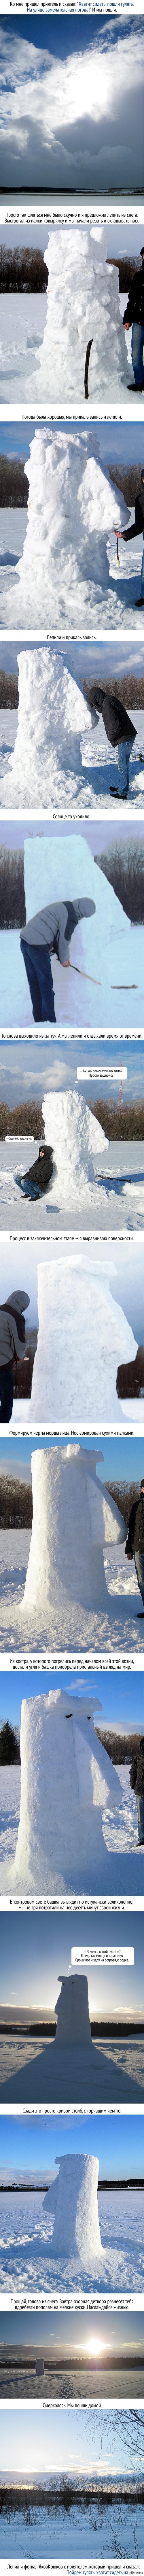 Снеговик, закопанный по плечи.